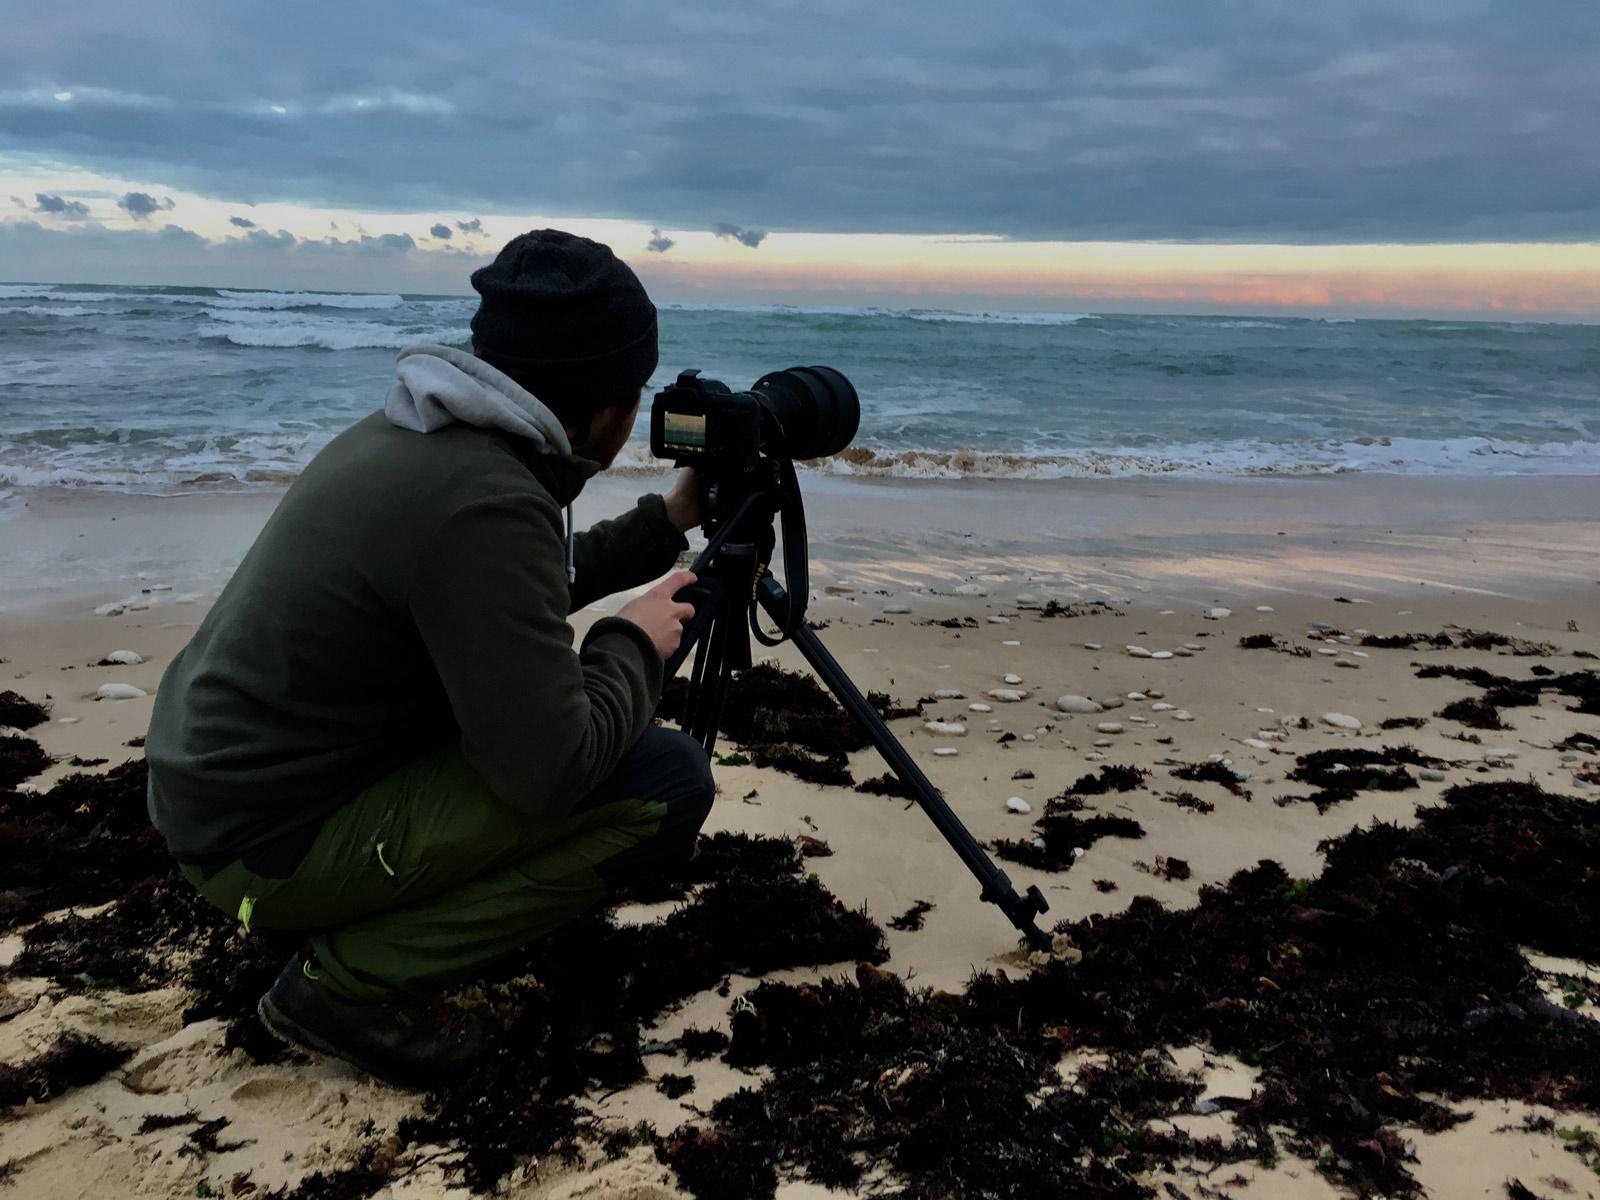 image filmer sur une plage - Iffcam